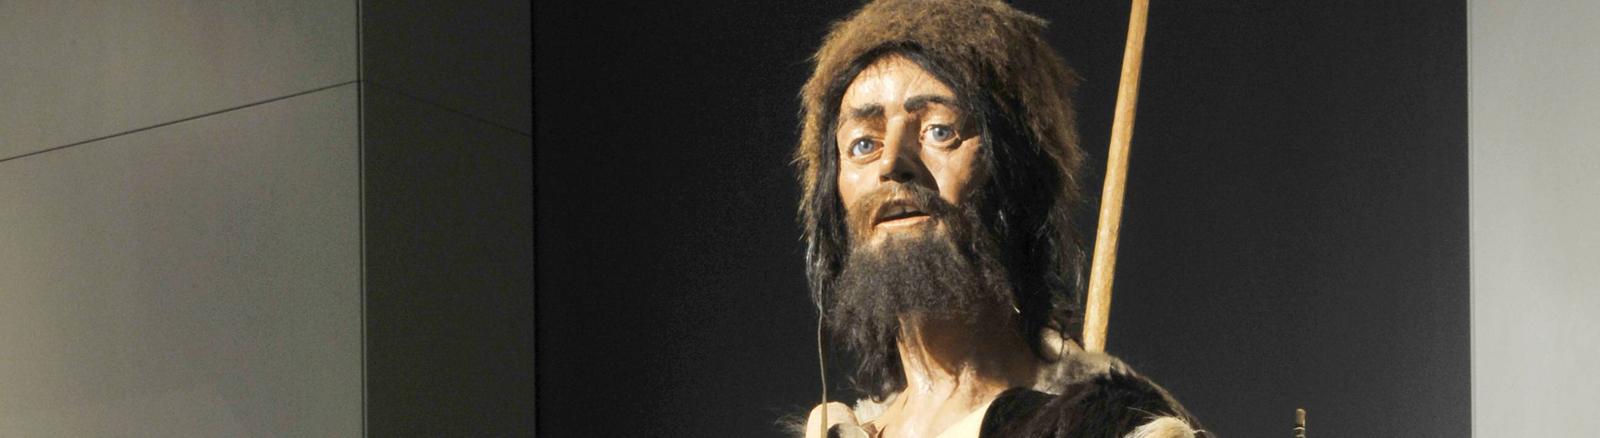 Der Steinzeit-Mensch Ötzi in einer Kühlkammer im Museum in Tirol.